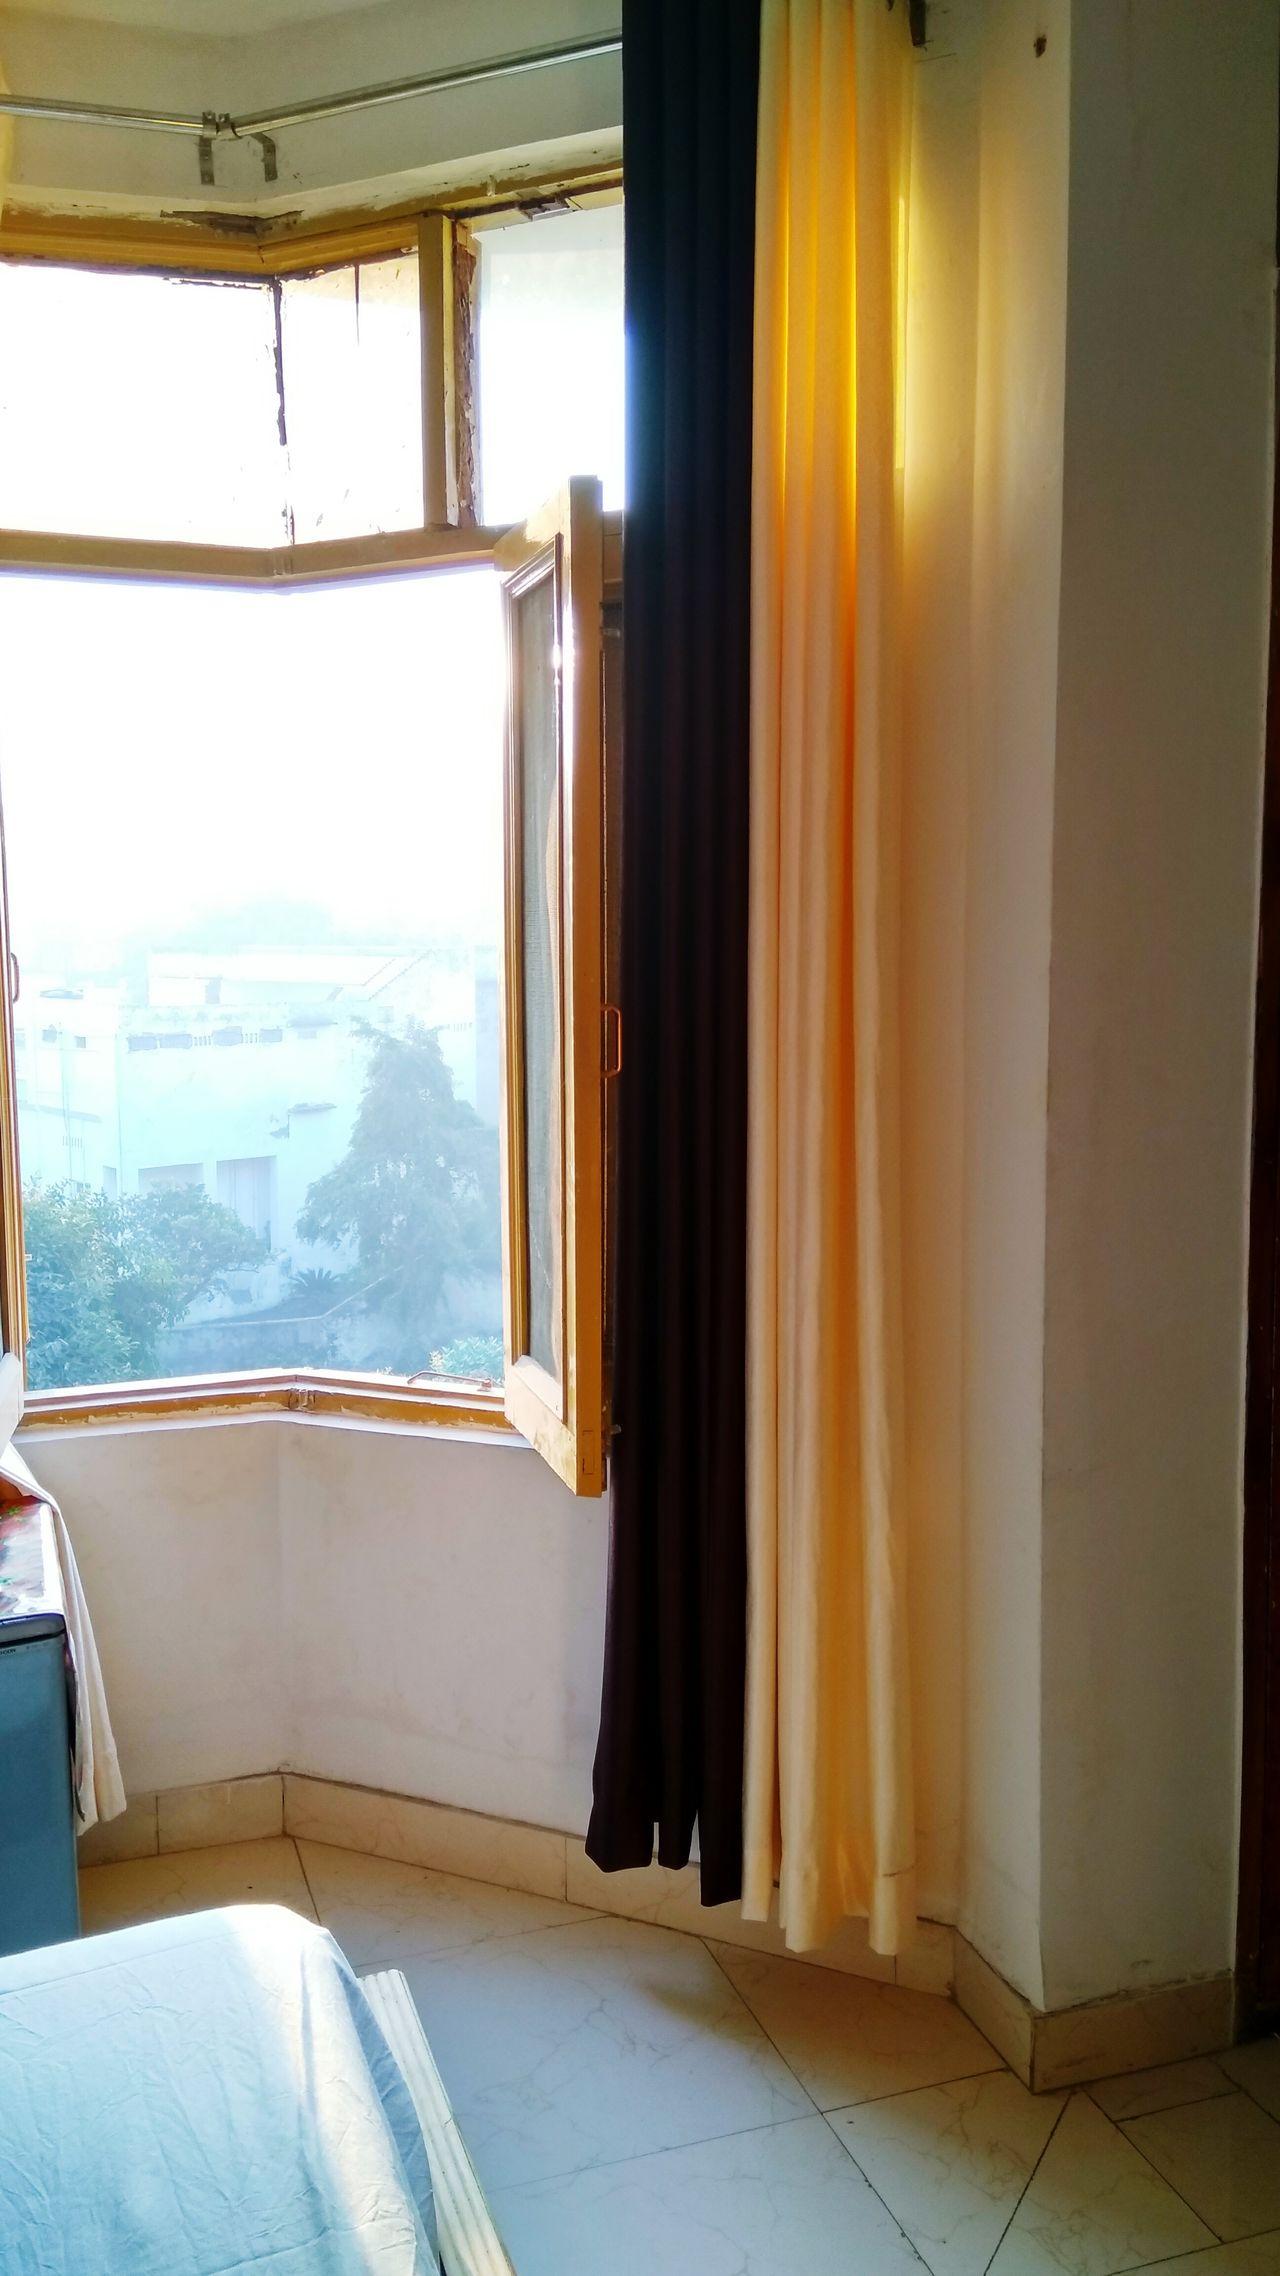 Window Indoors  Curtain Day No People Sliding Door